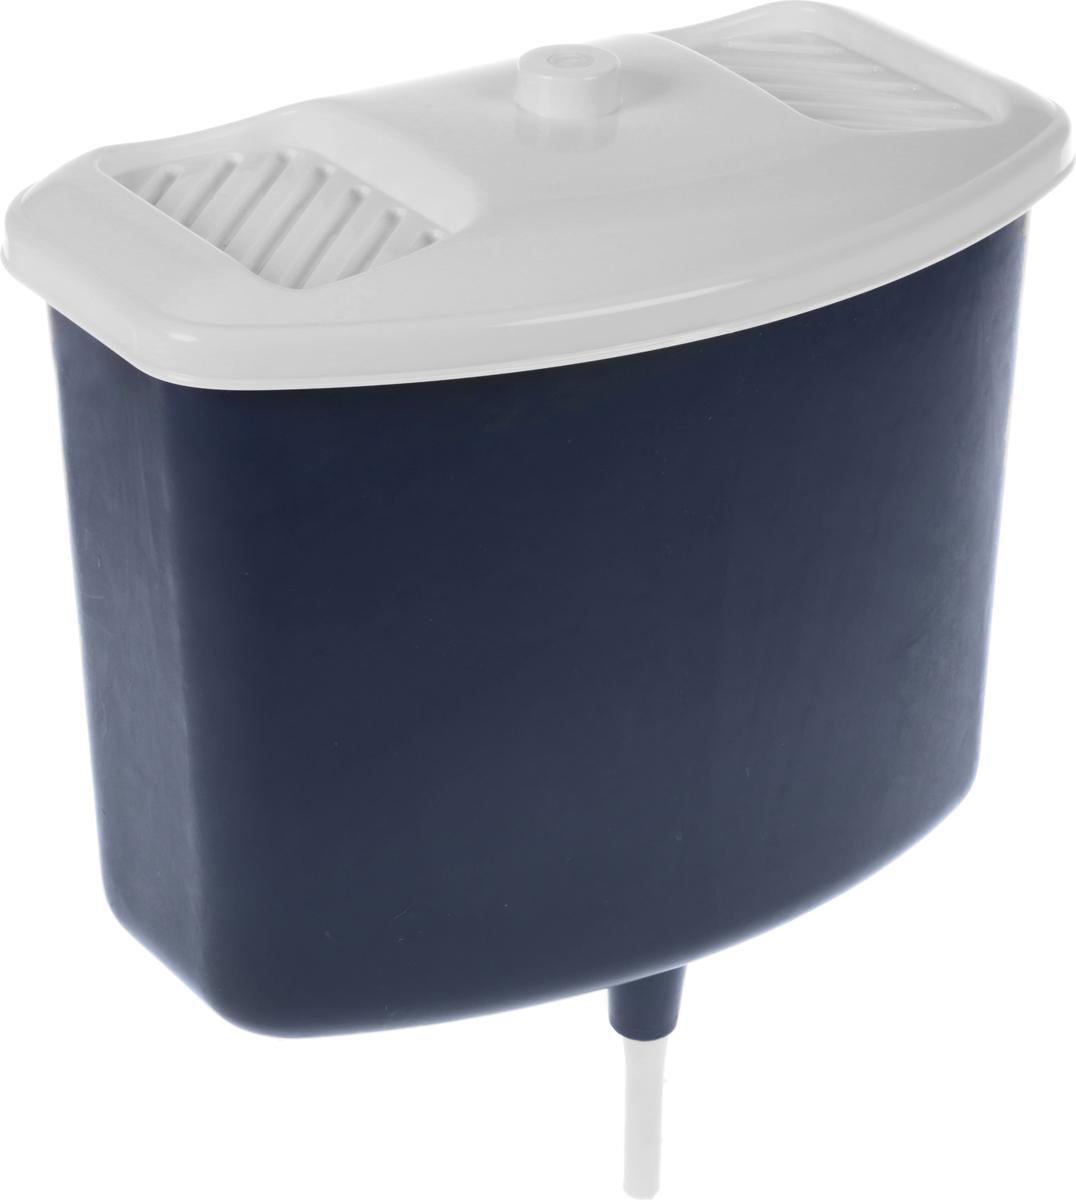 Рукомойник, с крышкой, цвет: темно-синий, белый, 5 л2175777_темно-синийОригинальный рукомойник поможет вам поддерживать чистоту рук на вашем дачном участке. Рукомойник изготовлен прочного пластика. Крышка плотно прилегает к рукомойнику, что препятствует попаданию грязи и пыли в воду.На крышке рукомойника предусмотрены места под мыло.